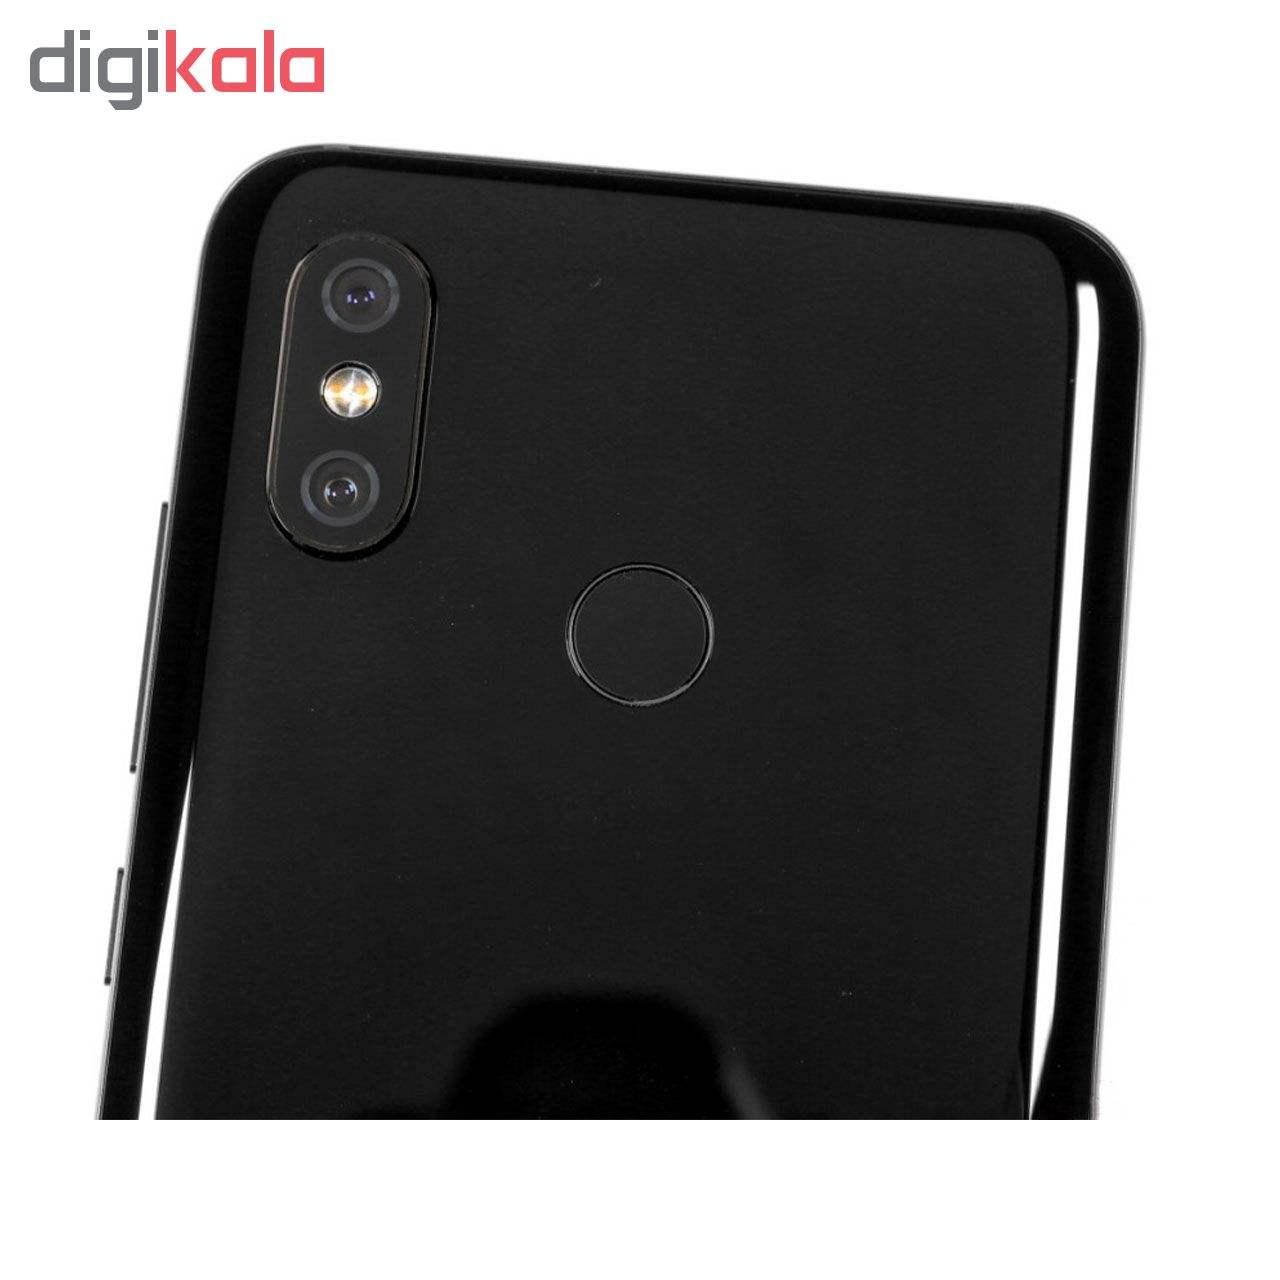 گوشی موبایل شیائومی mi 8 M1803E1A مدل  دو سیم کارت ظرفیت 64 گیگابایت main 1 2